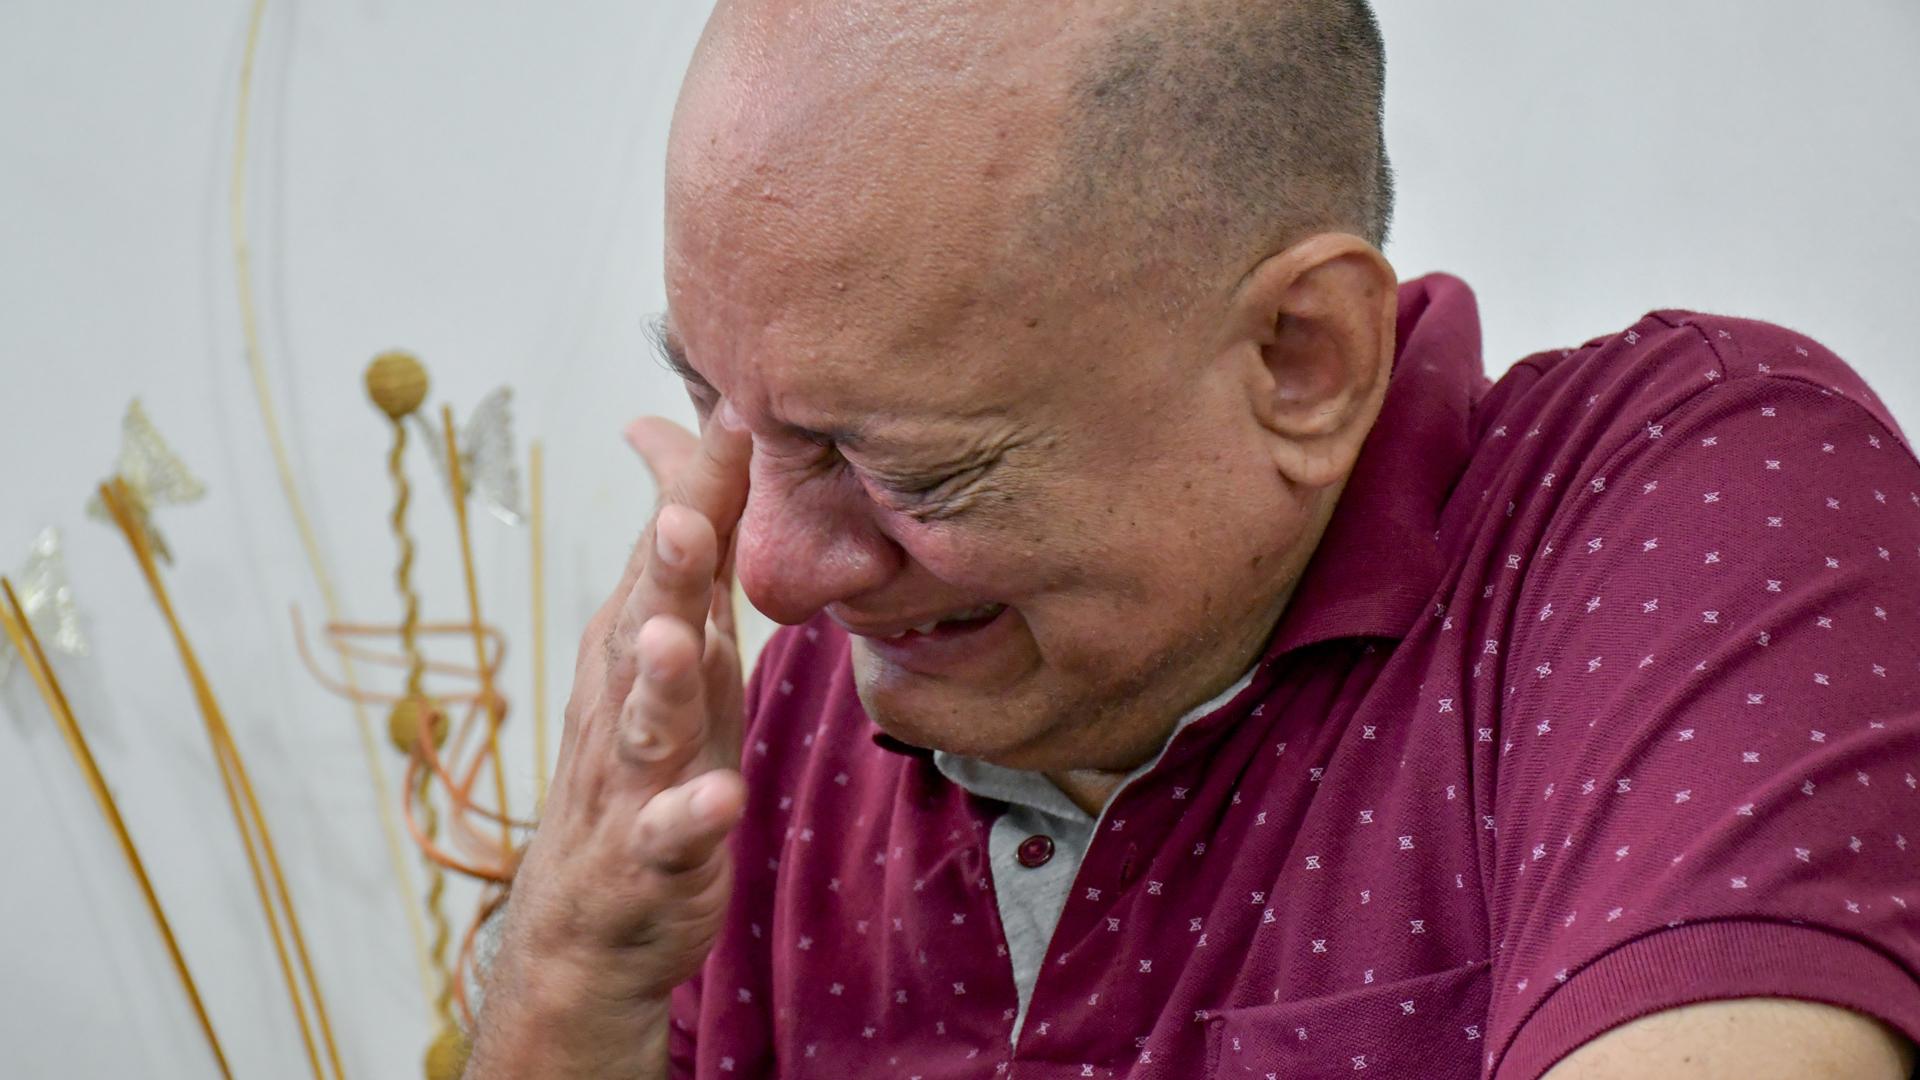 Entre lágrimas Pedro Manuel Gutiérrez de Piñeres recuerda a su hermana y el día de su desaparición.